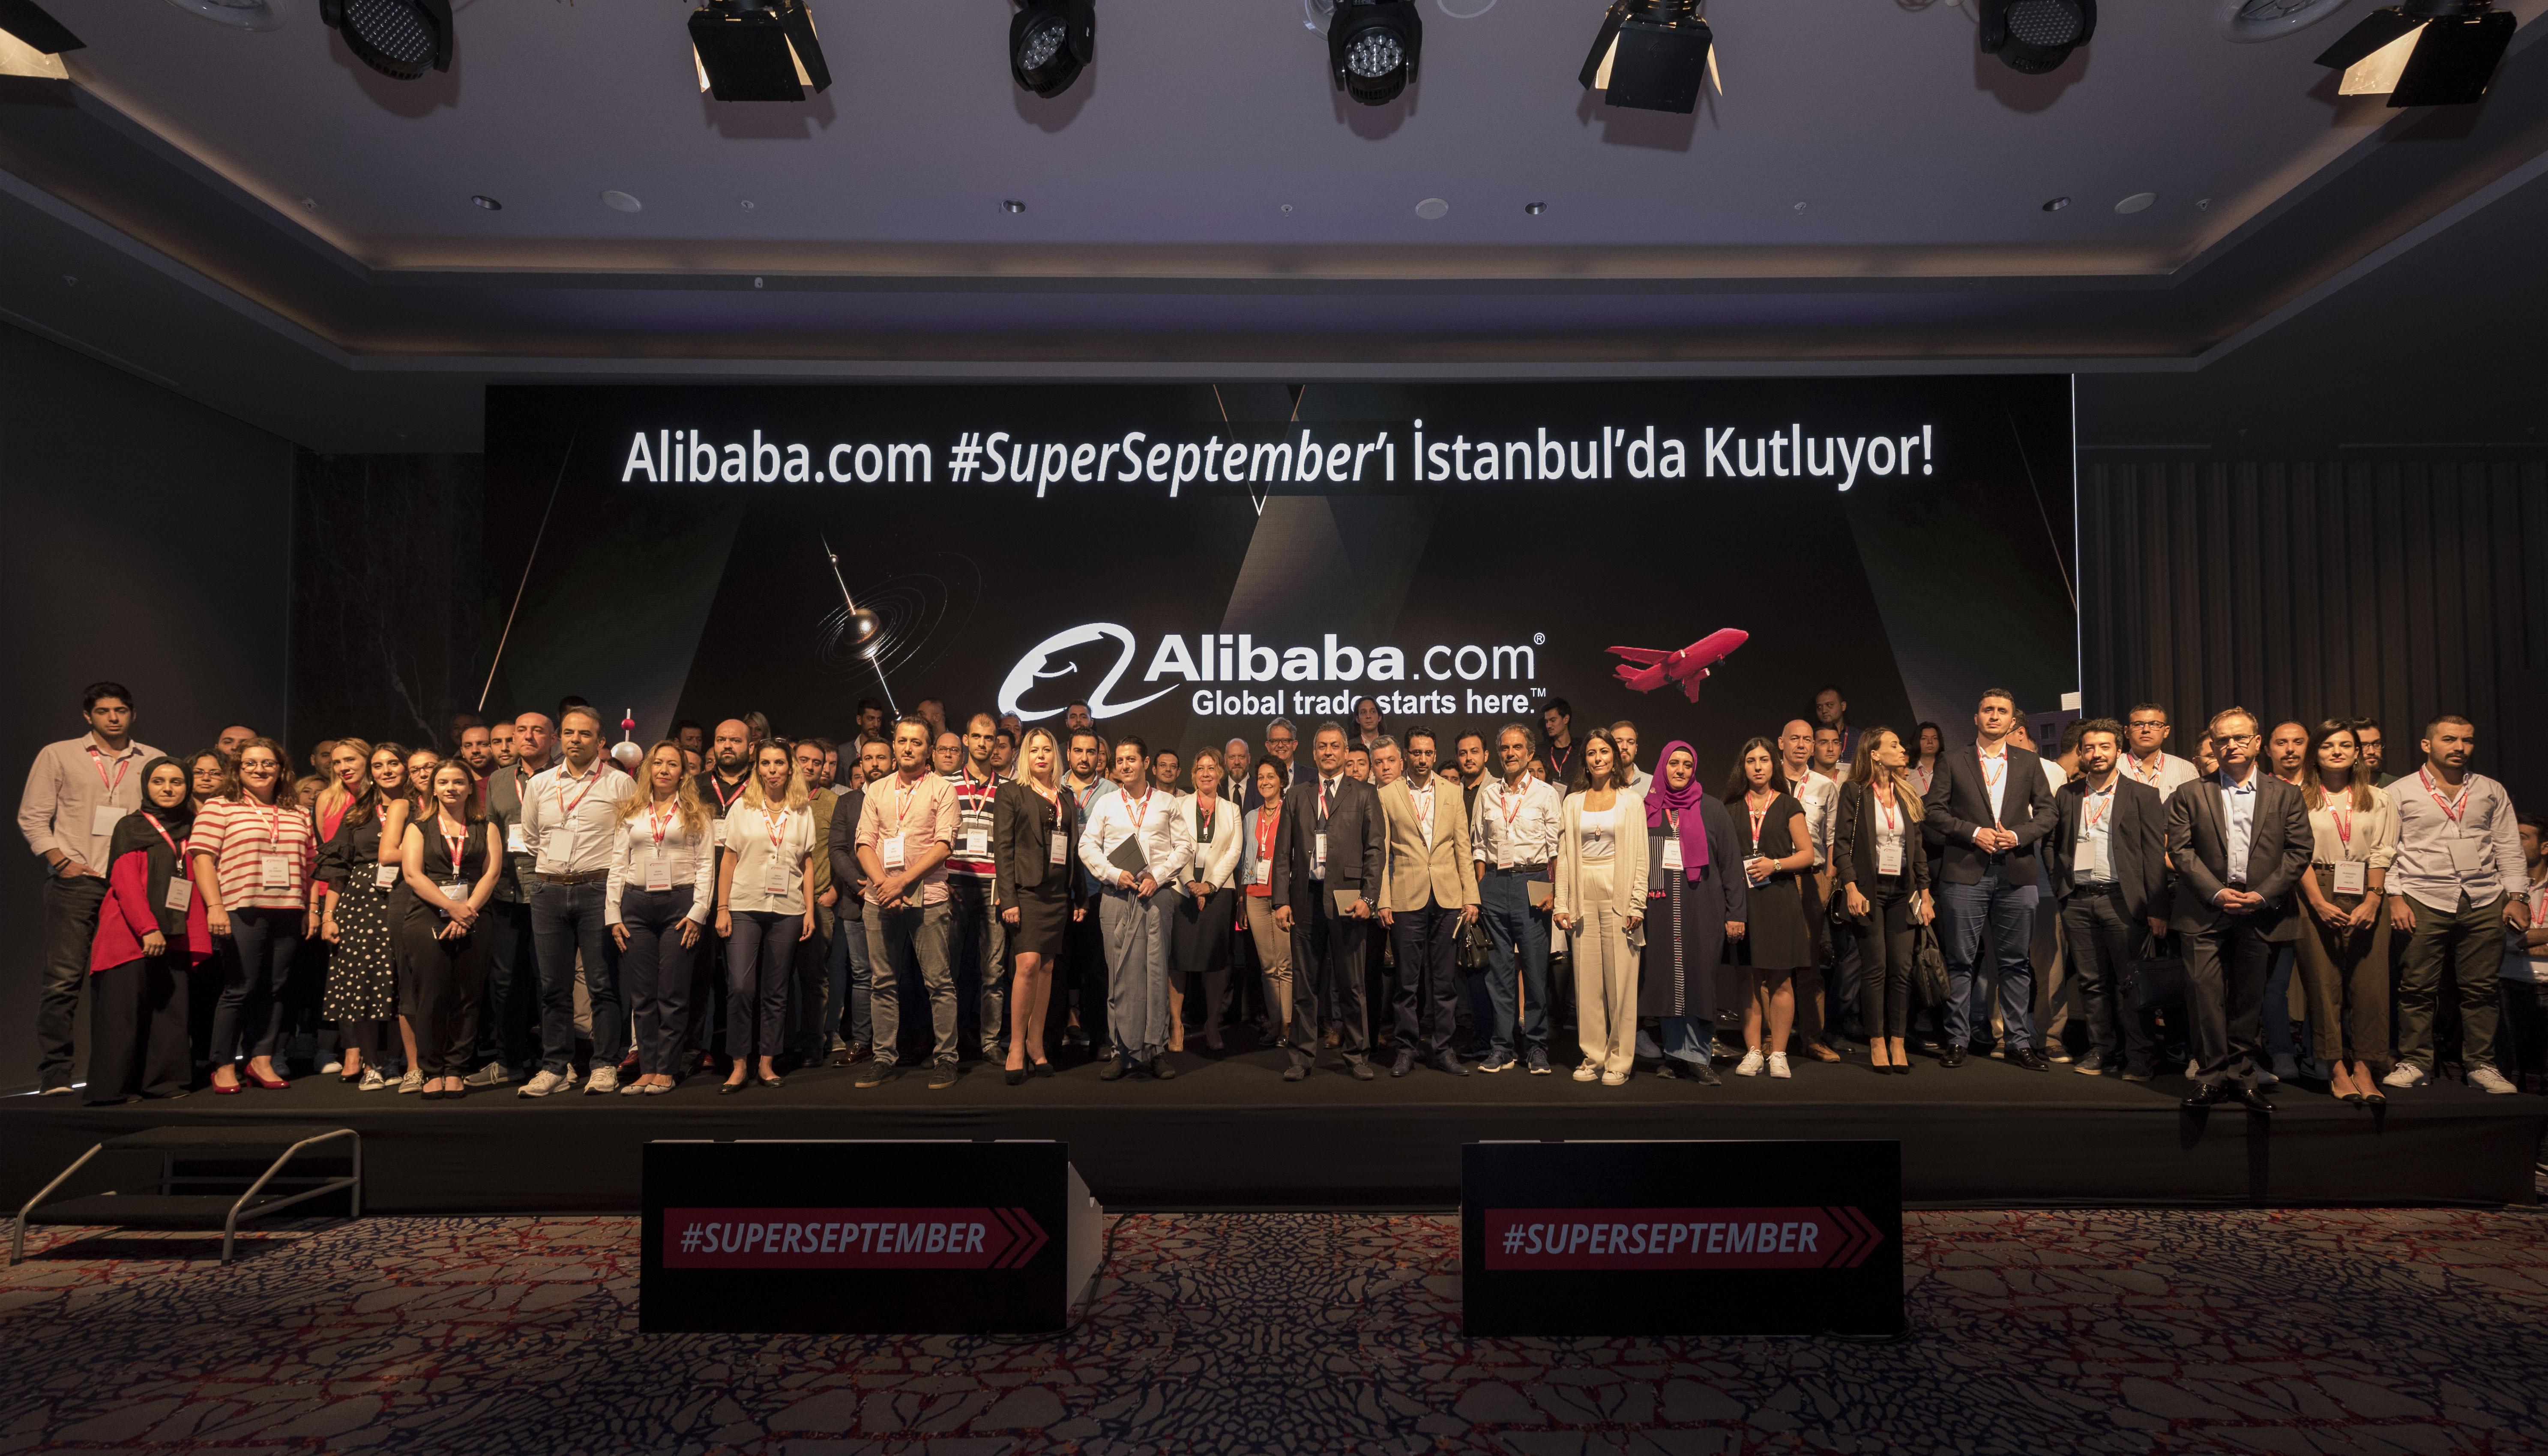 Alibaba.com Türkiye, hem alıcılar hem de satıcılar için fırsatlarla dolu #SuperSeptember'ın başlangıcını Türk GGS üyeleri ve Alibaba.com yöneticilerinin katılımıyla İstanbul'da gerçekleştirdi.